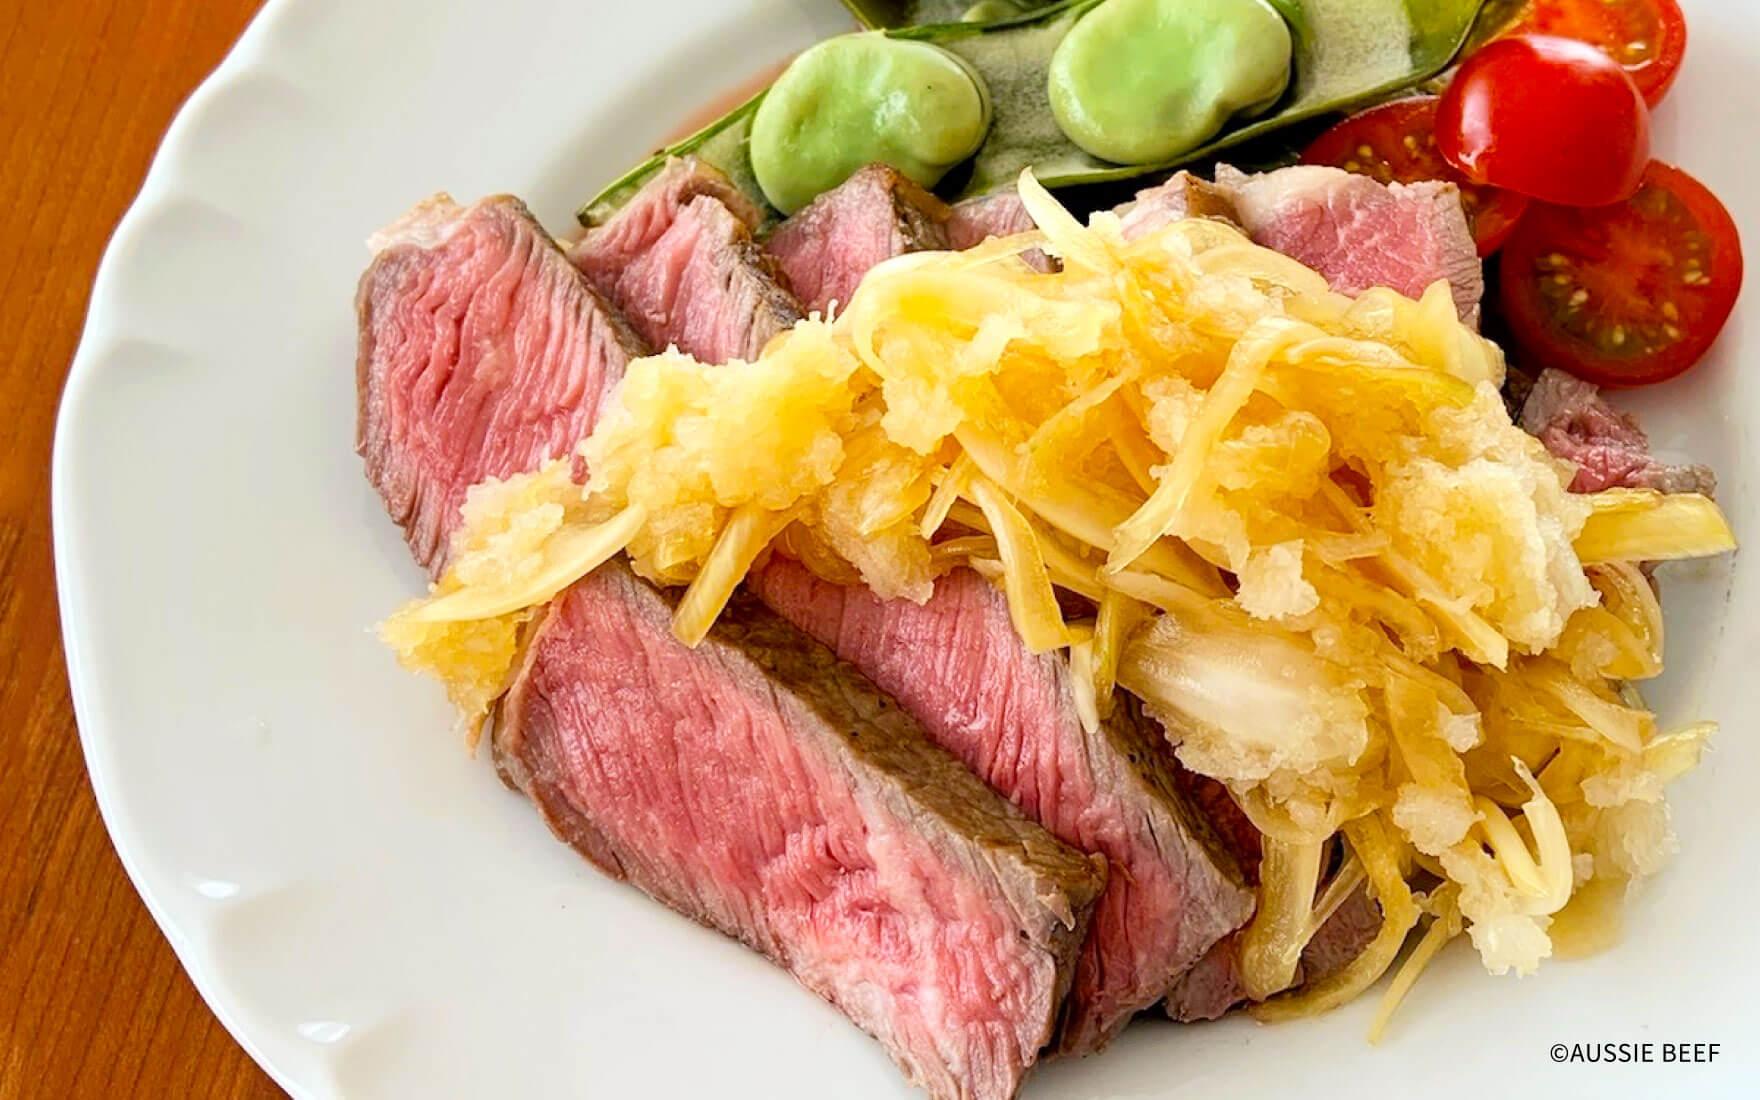 新生活のスタートをステーキでお祝い/旬の新玉ねぎのおろしダレでさっぱり美味しく